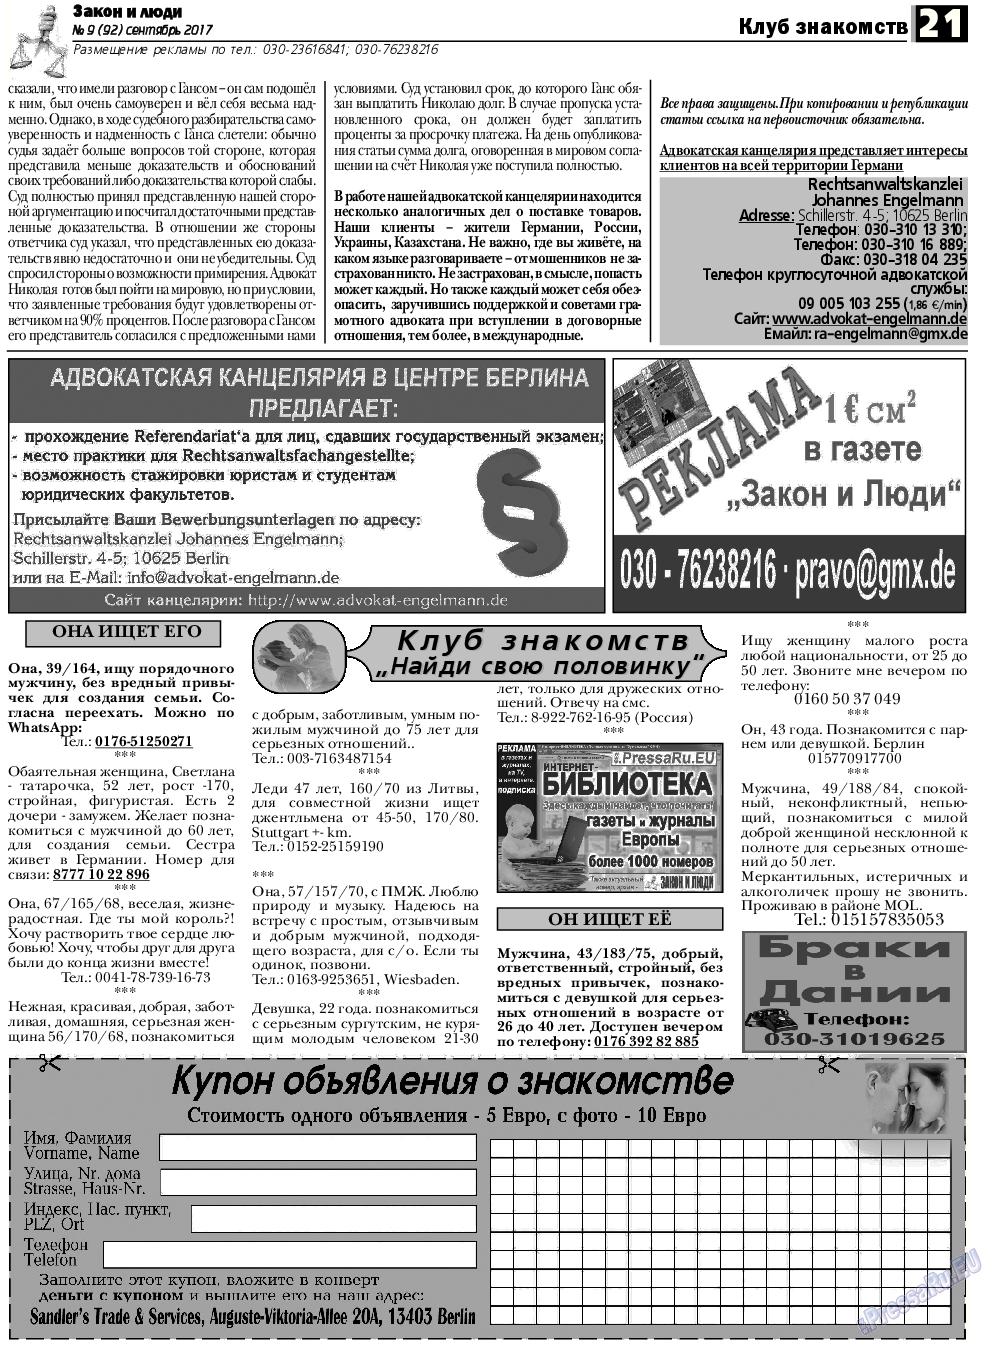 Закон и люди (газета). 2017 год, номер 9, стр. 21